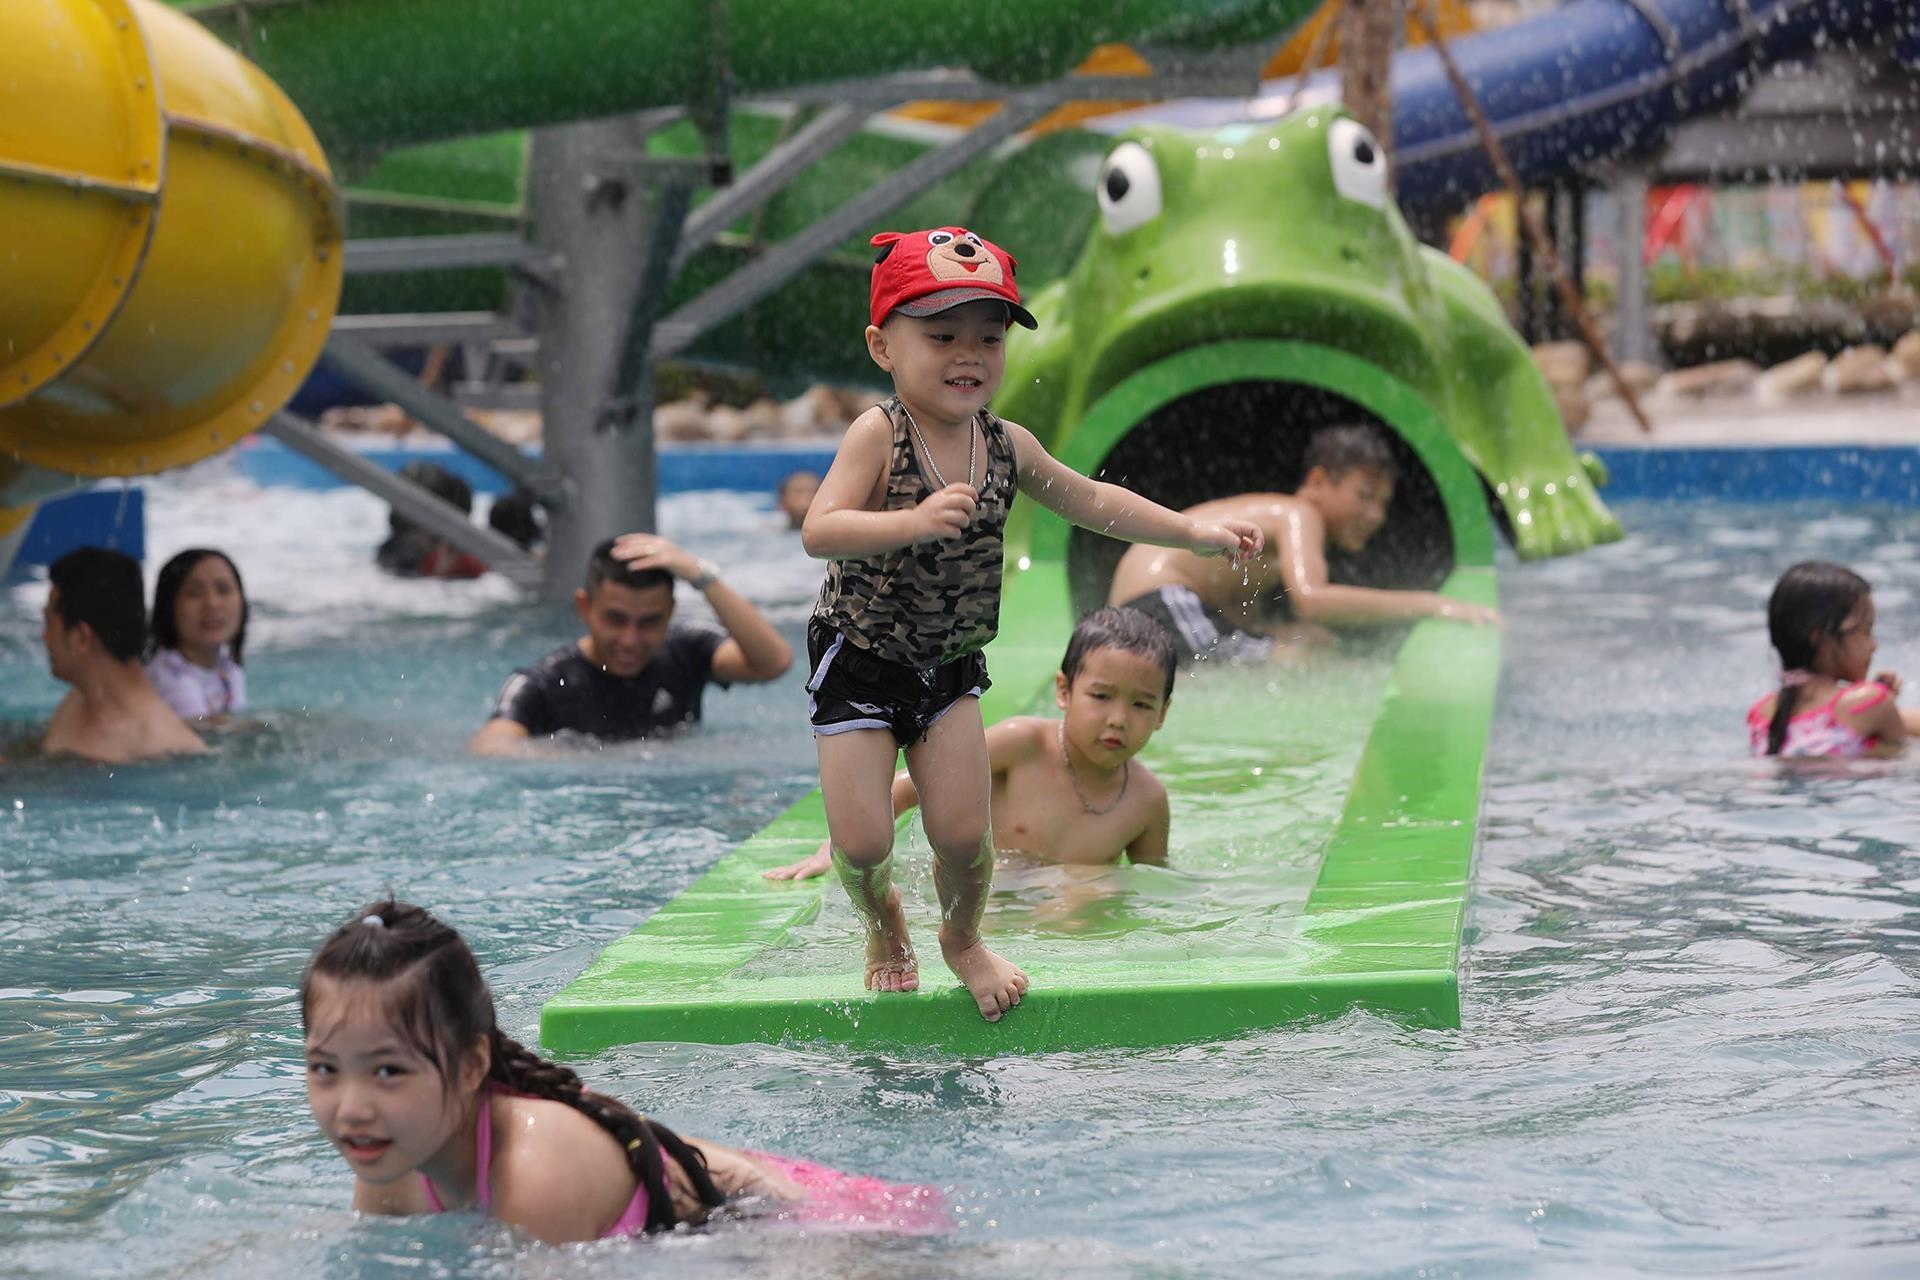 Trong dịp khai trương công viên, giá vé được giảm 50% với mọi du khách. Sau khi hết khuyến mại, giá vé người lớn trung bình 140.000-170.000 đồng/người, trẻ em từ 110.000-140.000 đồng/người tùy vào ngày và giờ cụ thể.